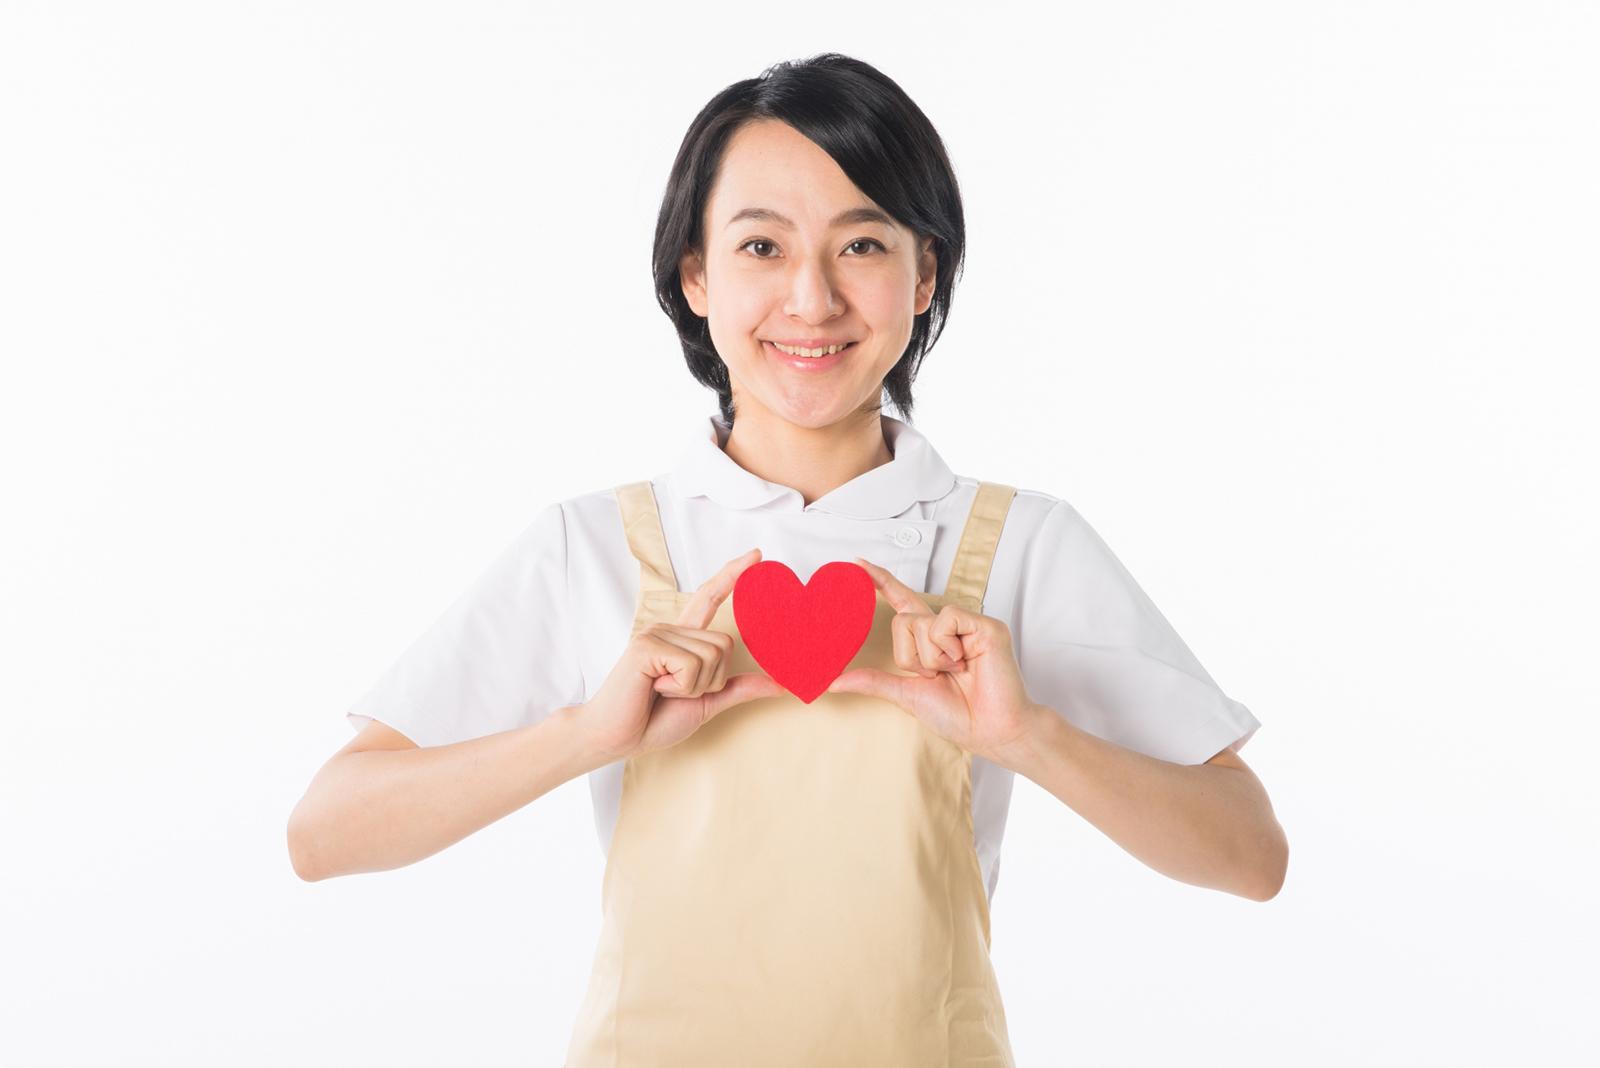 【ケアクルー(介護職員)】人気のデイサービスでのお仕事です!無資格・未経験OK!